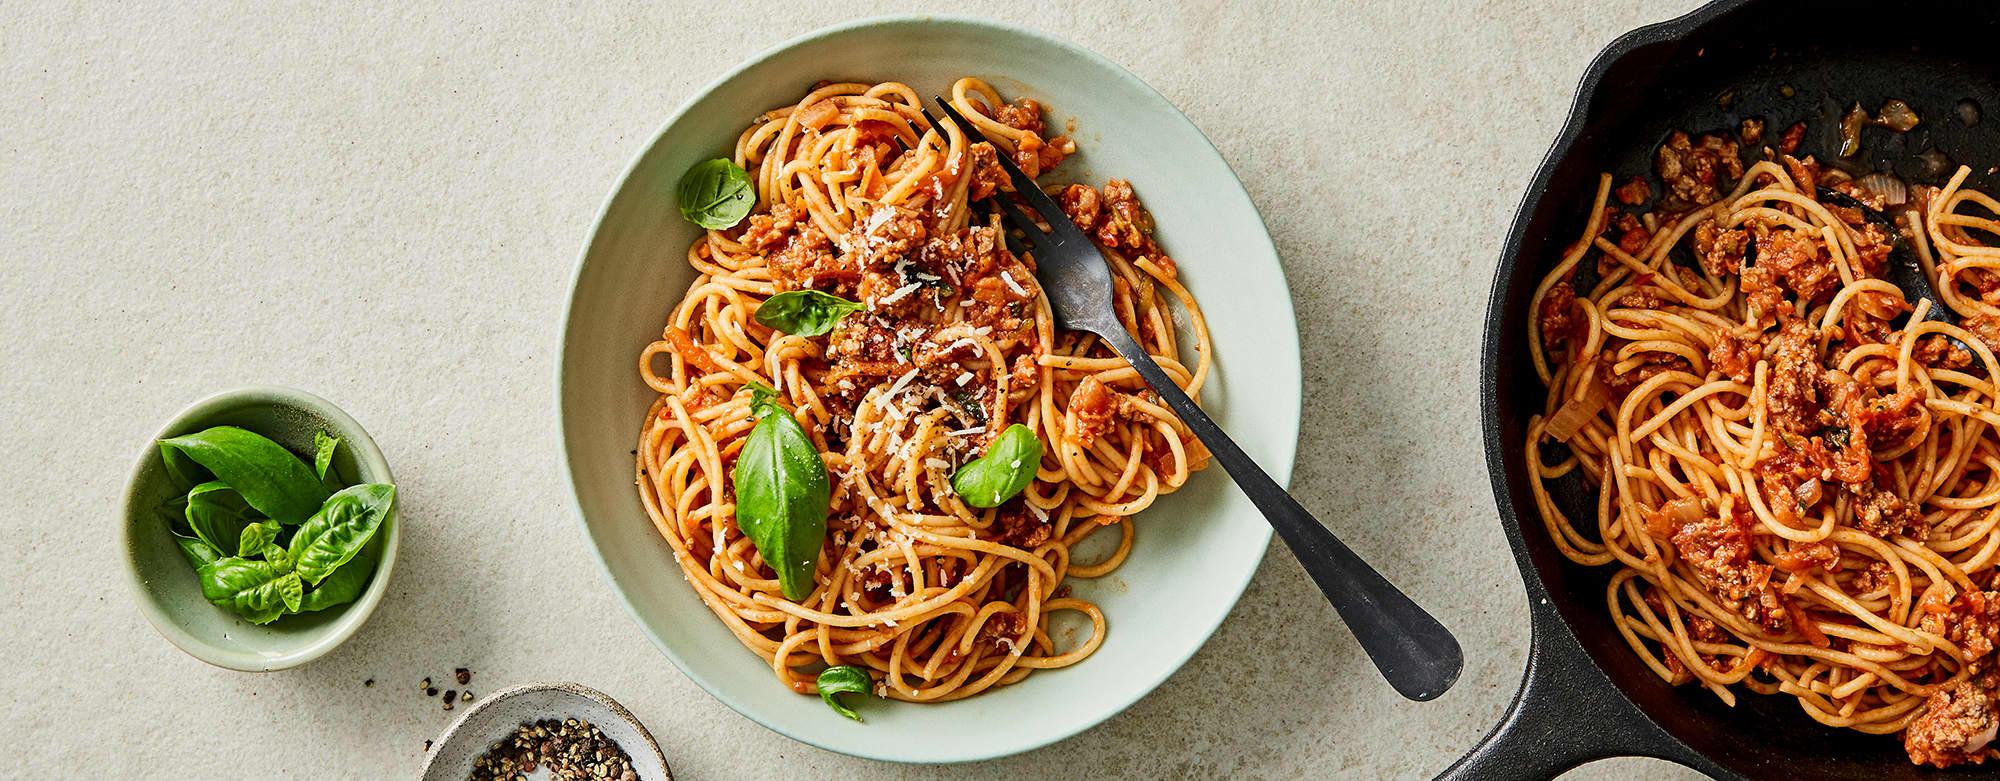 pasta med kjøttsaus og grønnsaker